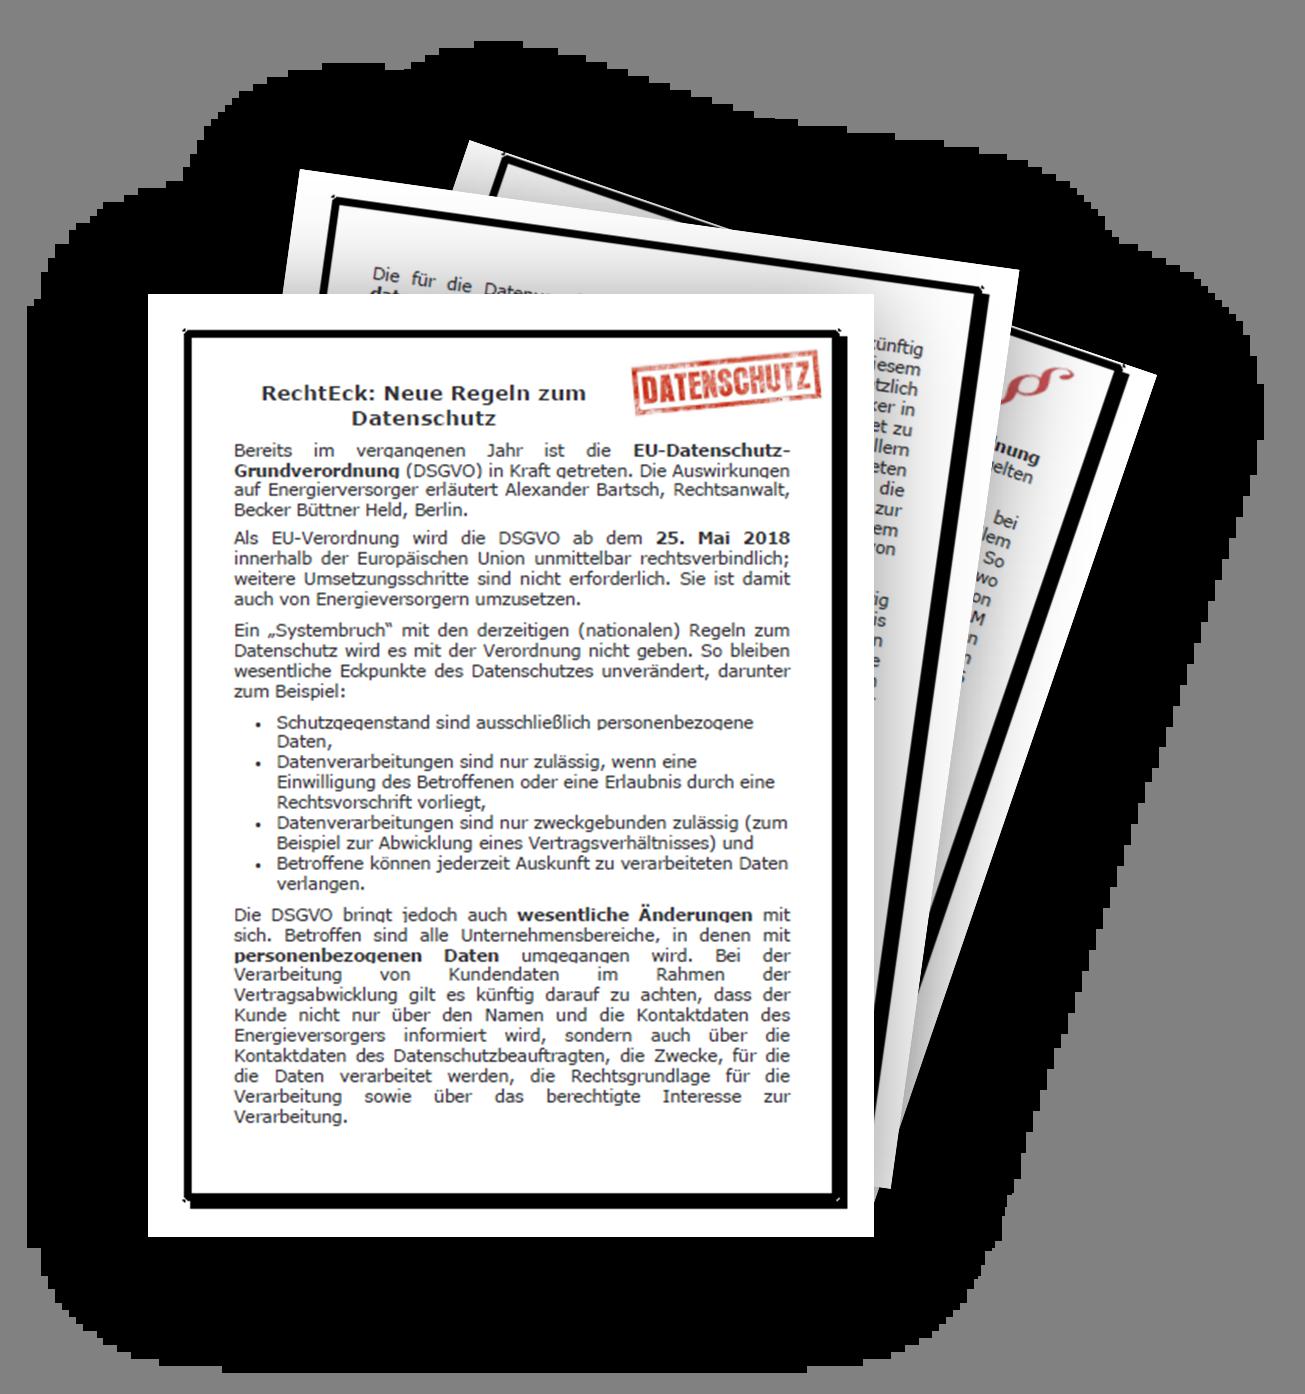 EU-Datenschutz-Grundverordnung und Insolvenzrechts-Novelle